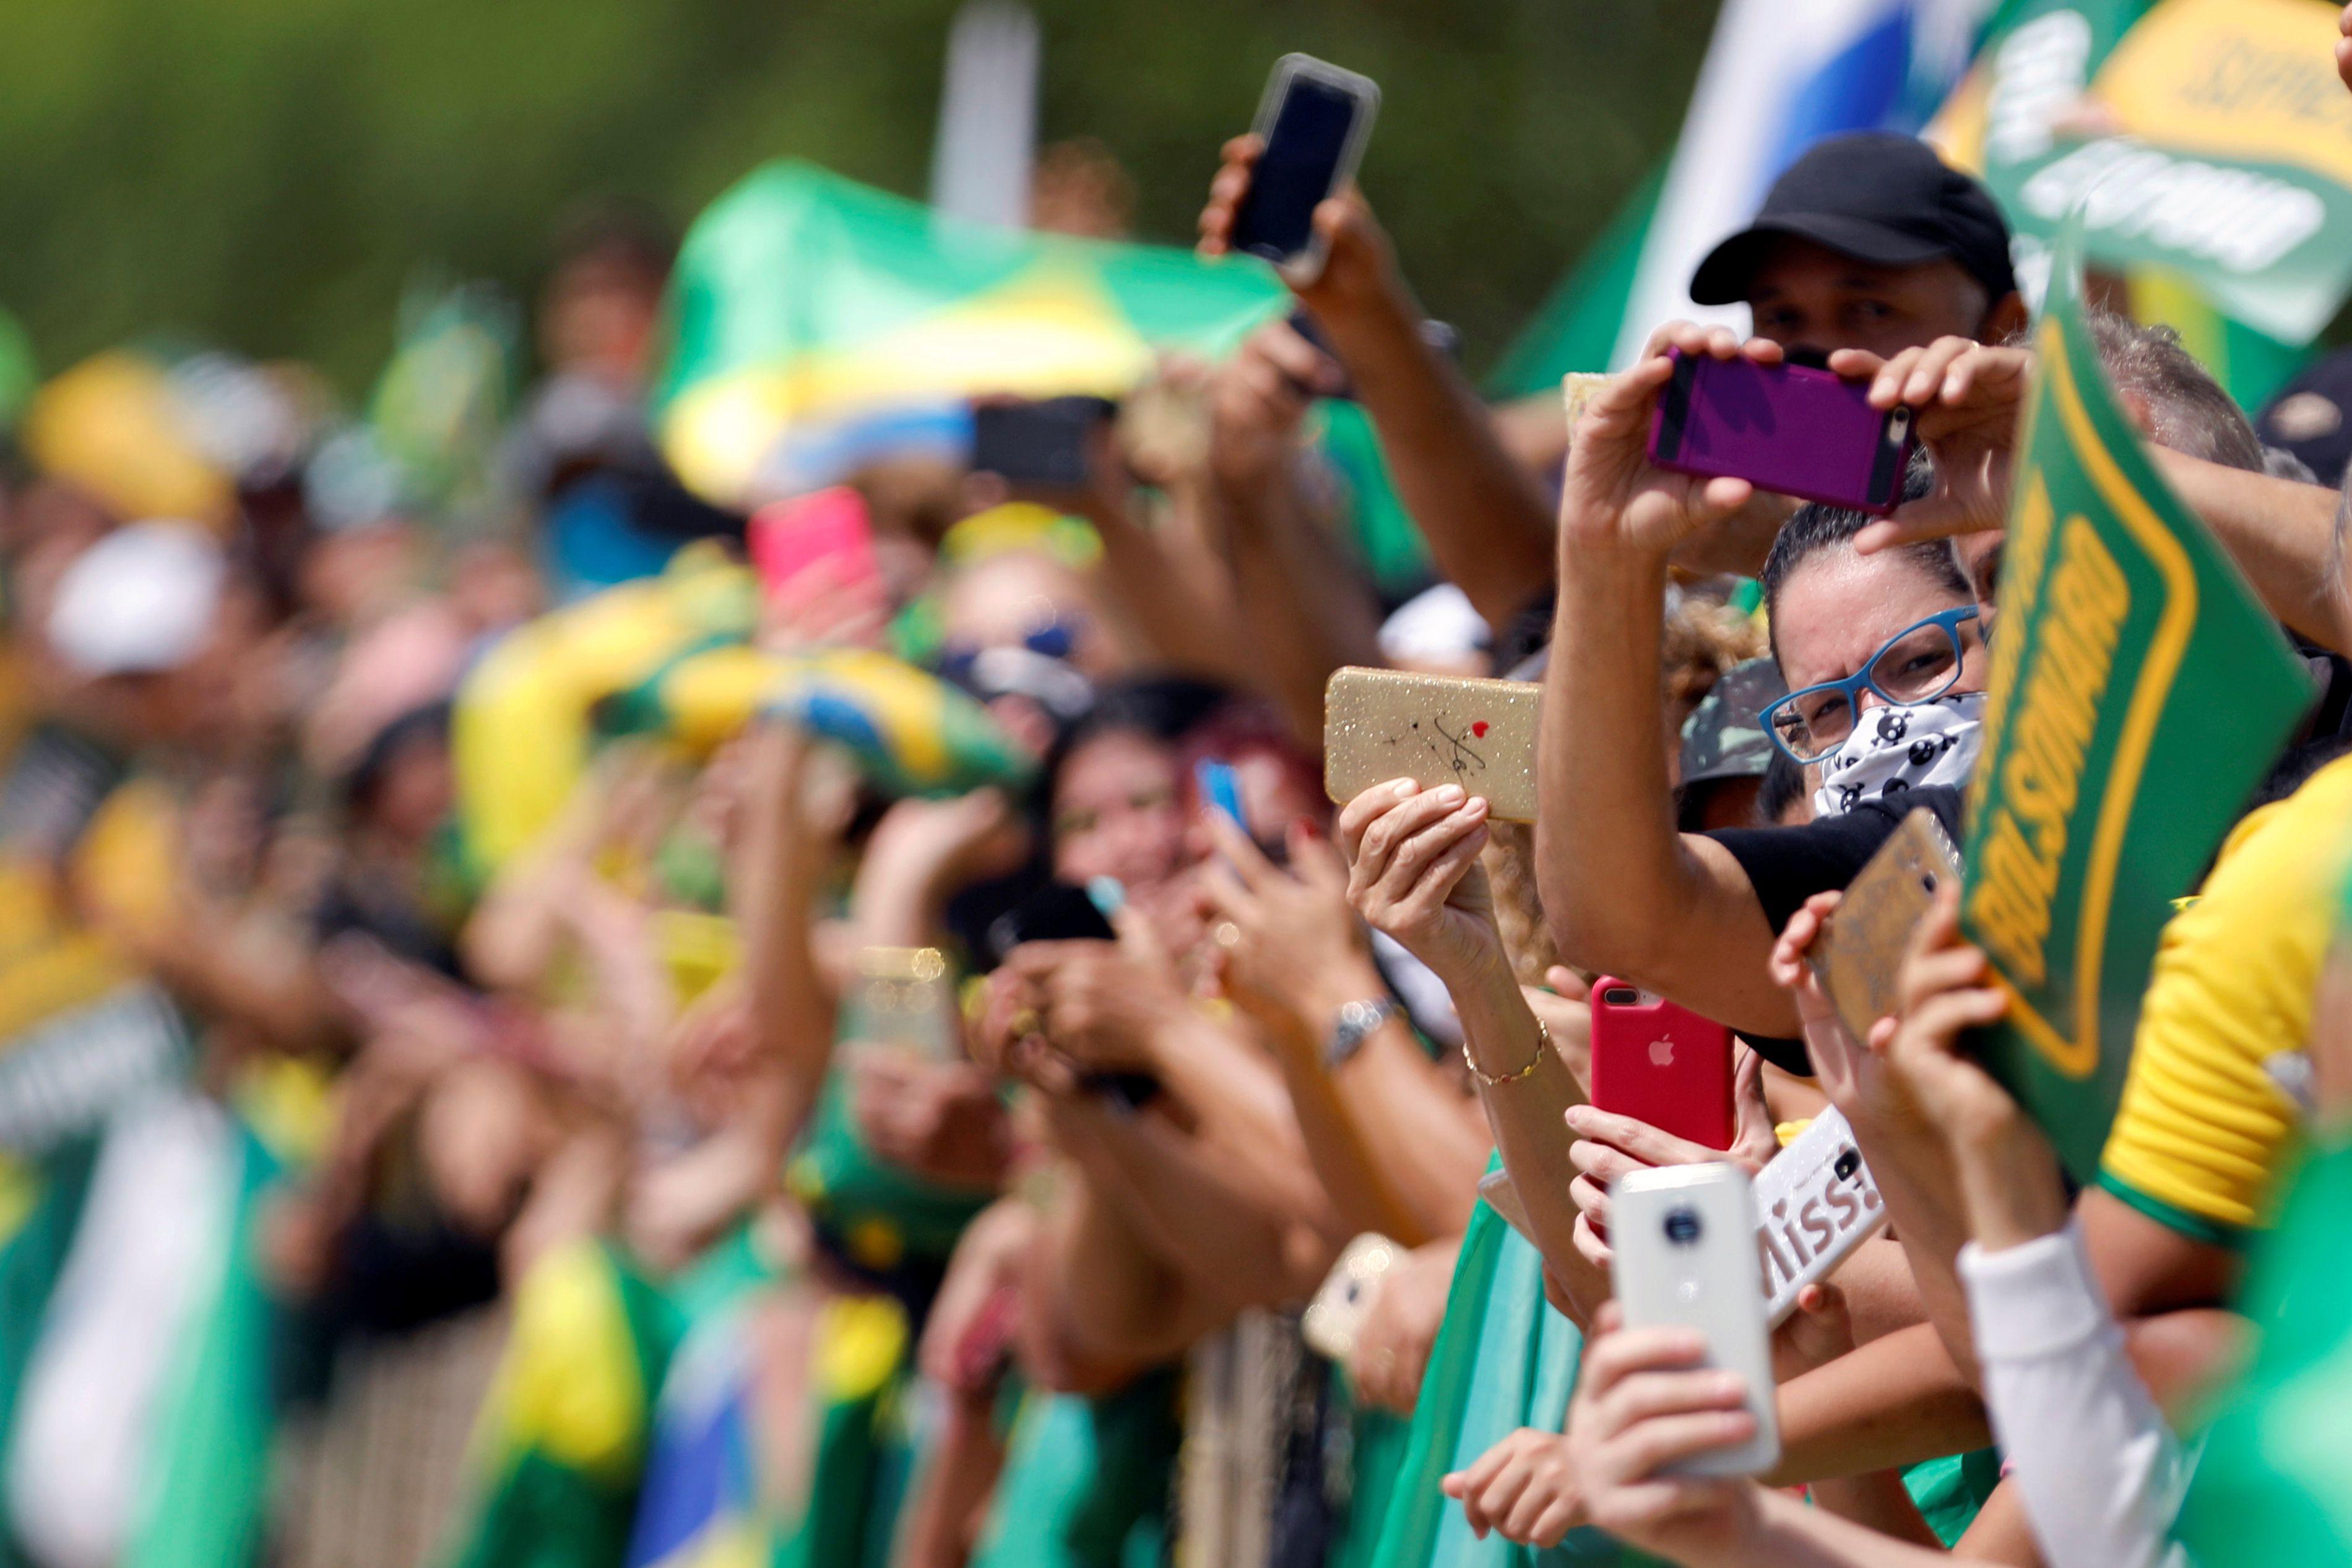 Seguidores de Bolsonaro frente al Palacio del Planalto (REUTERS/Adriano Machado)